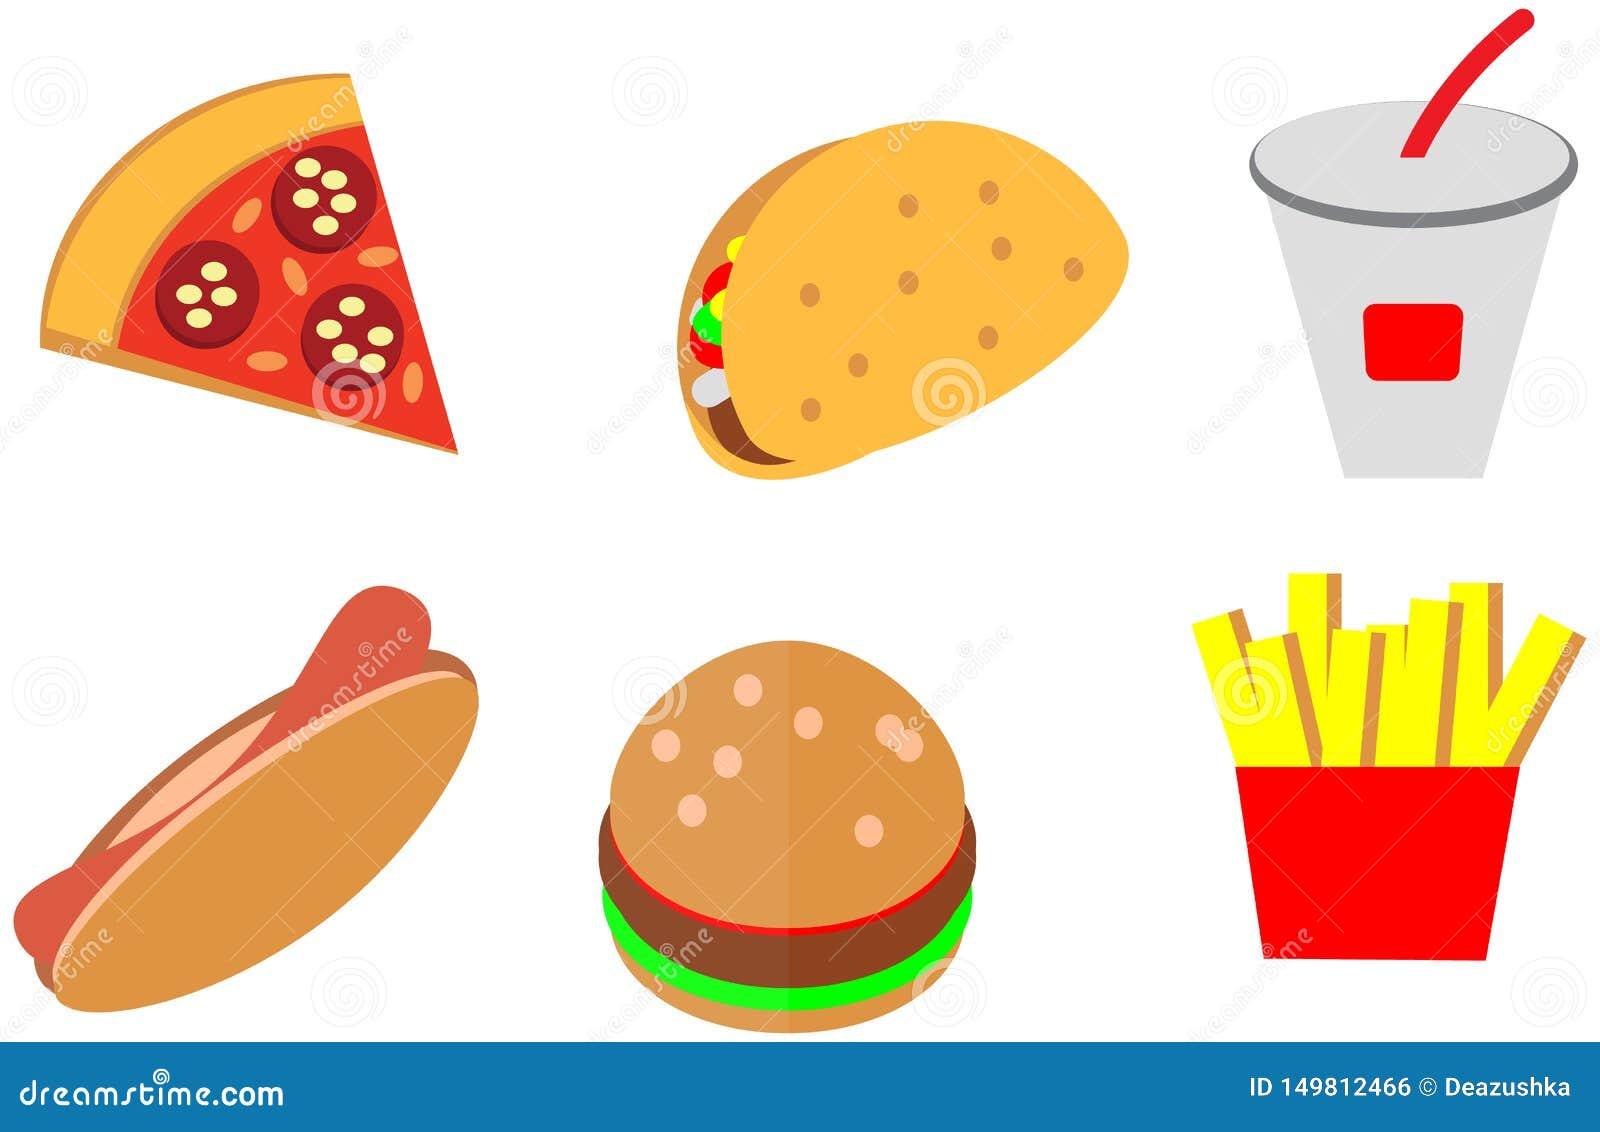 Επίπεδες επιλογές καφέδων σχεδίου εικονιδίων γρήγορου φαγητού χρώματος κινούμενων σχεδίων doodle